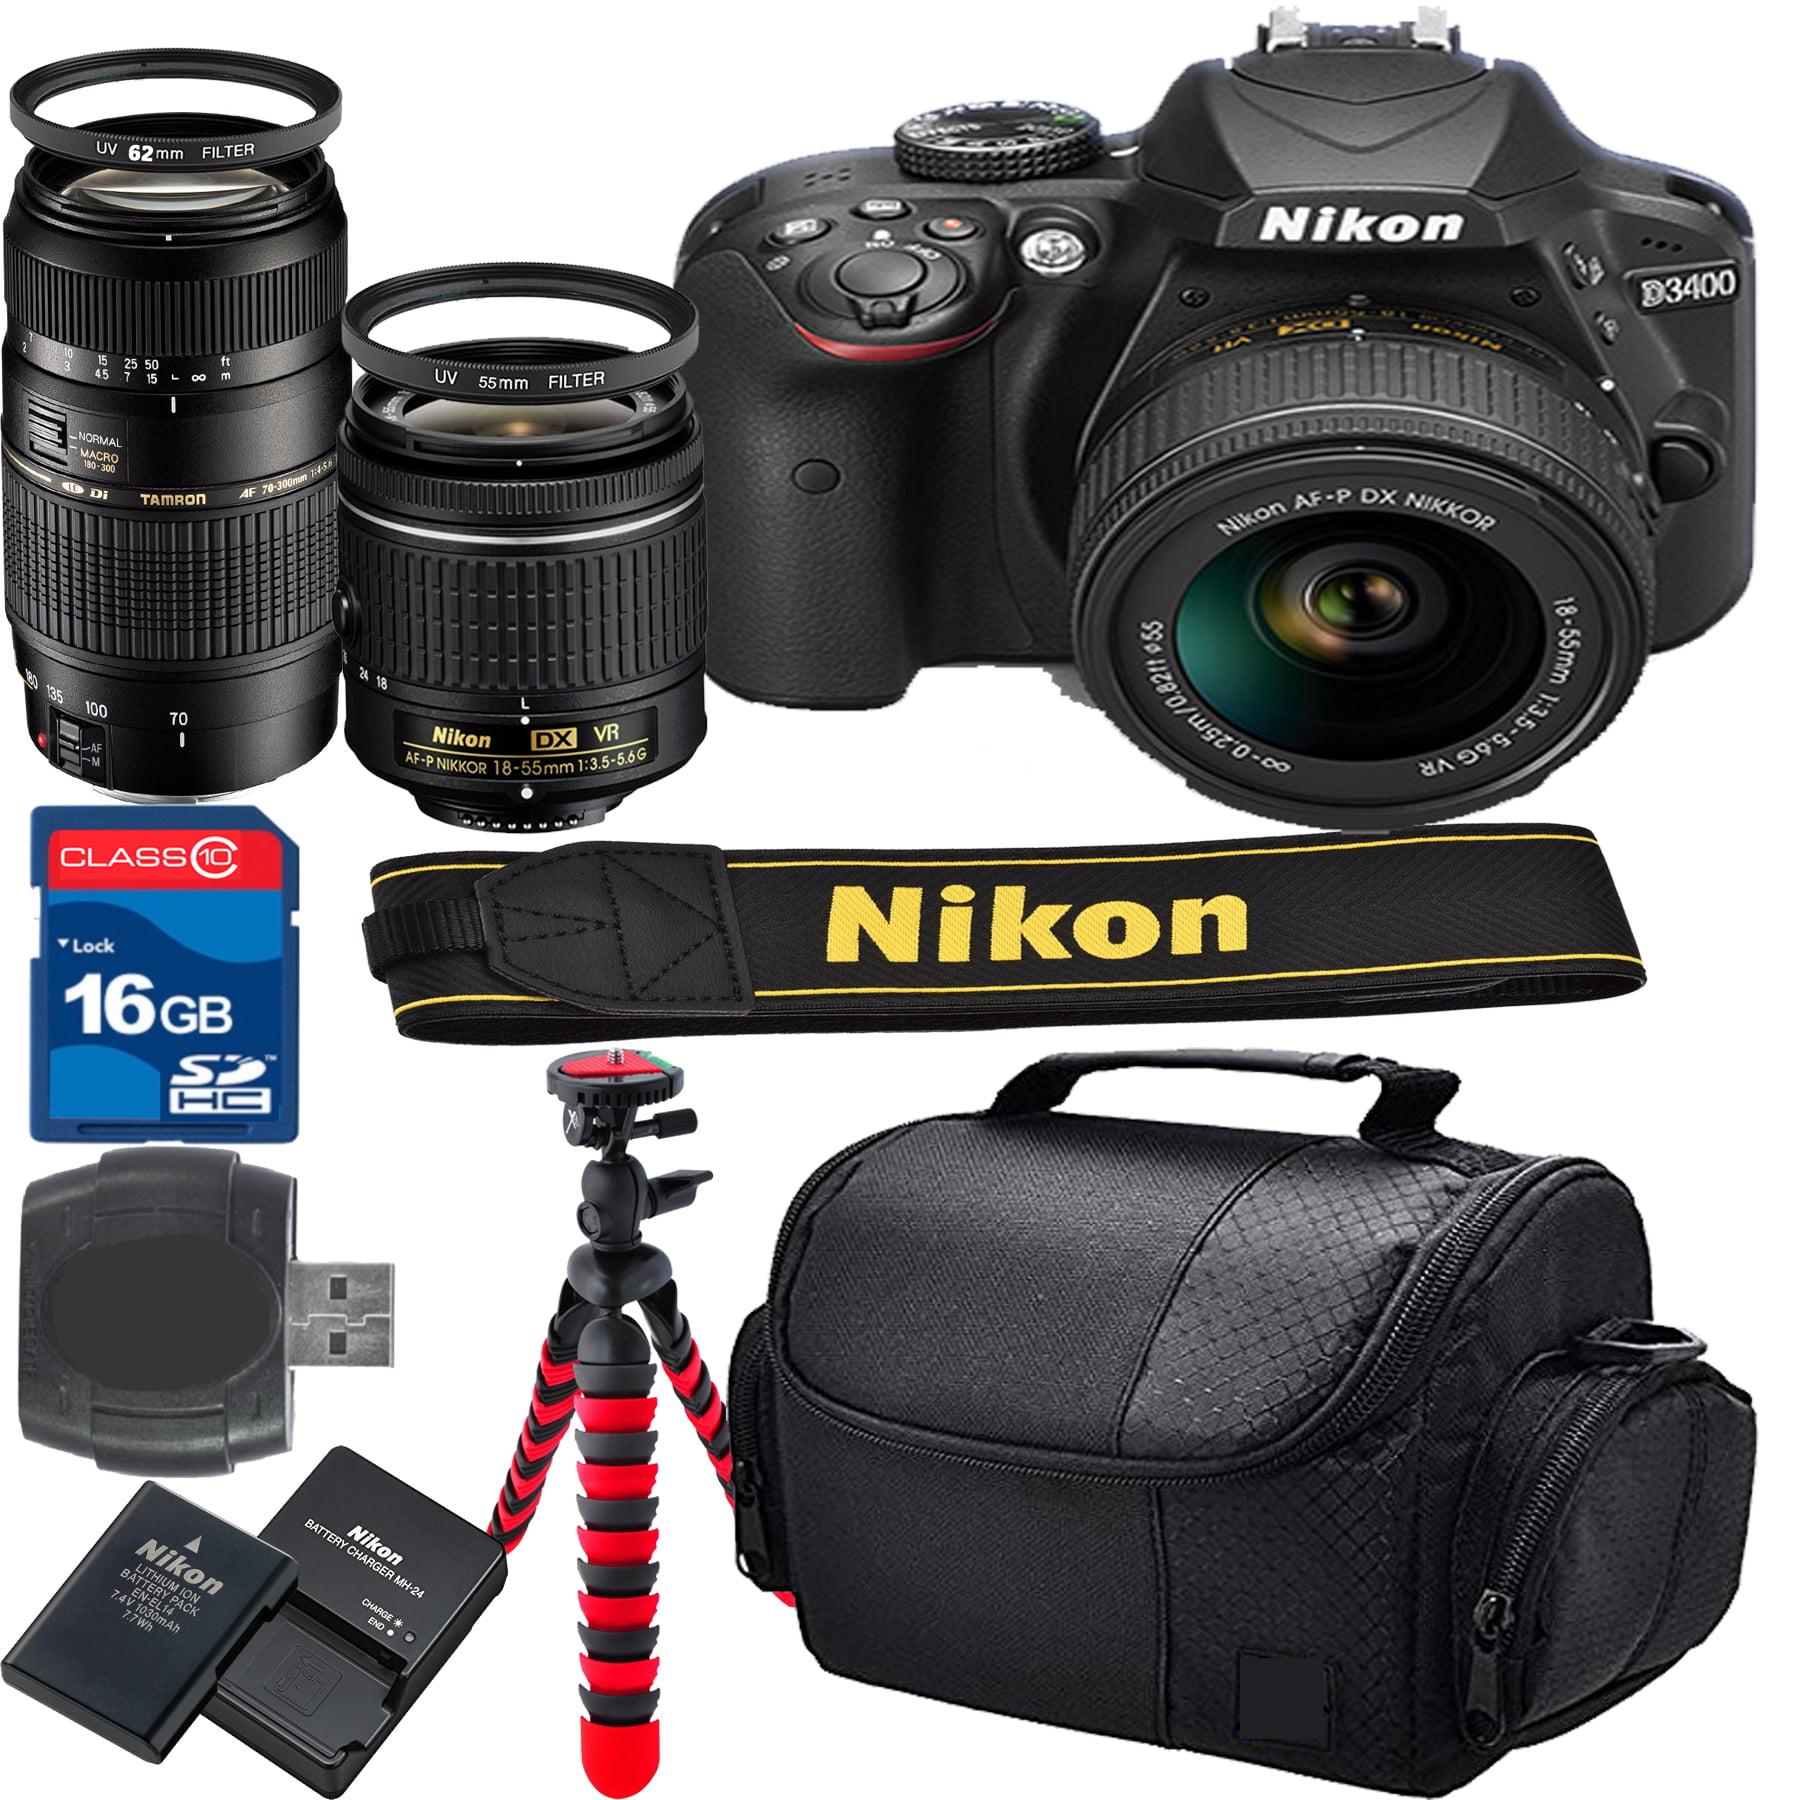 Nikon D3400 Bundle + 18-55mm VR Lens + 16gb High Speed Memory Card + Card reader  + UV Filter + Camera Gadget Bag(Certified Refurbished)